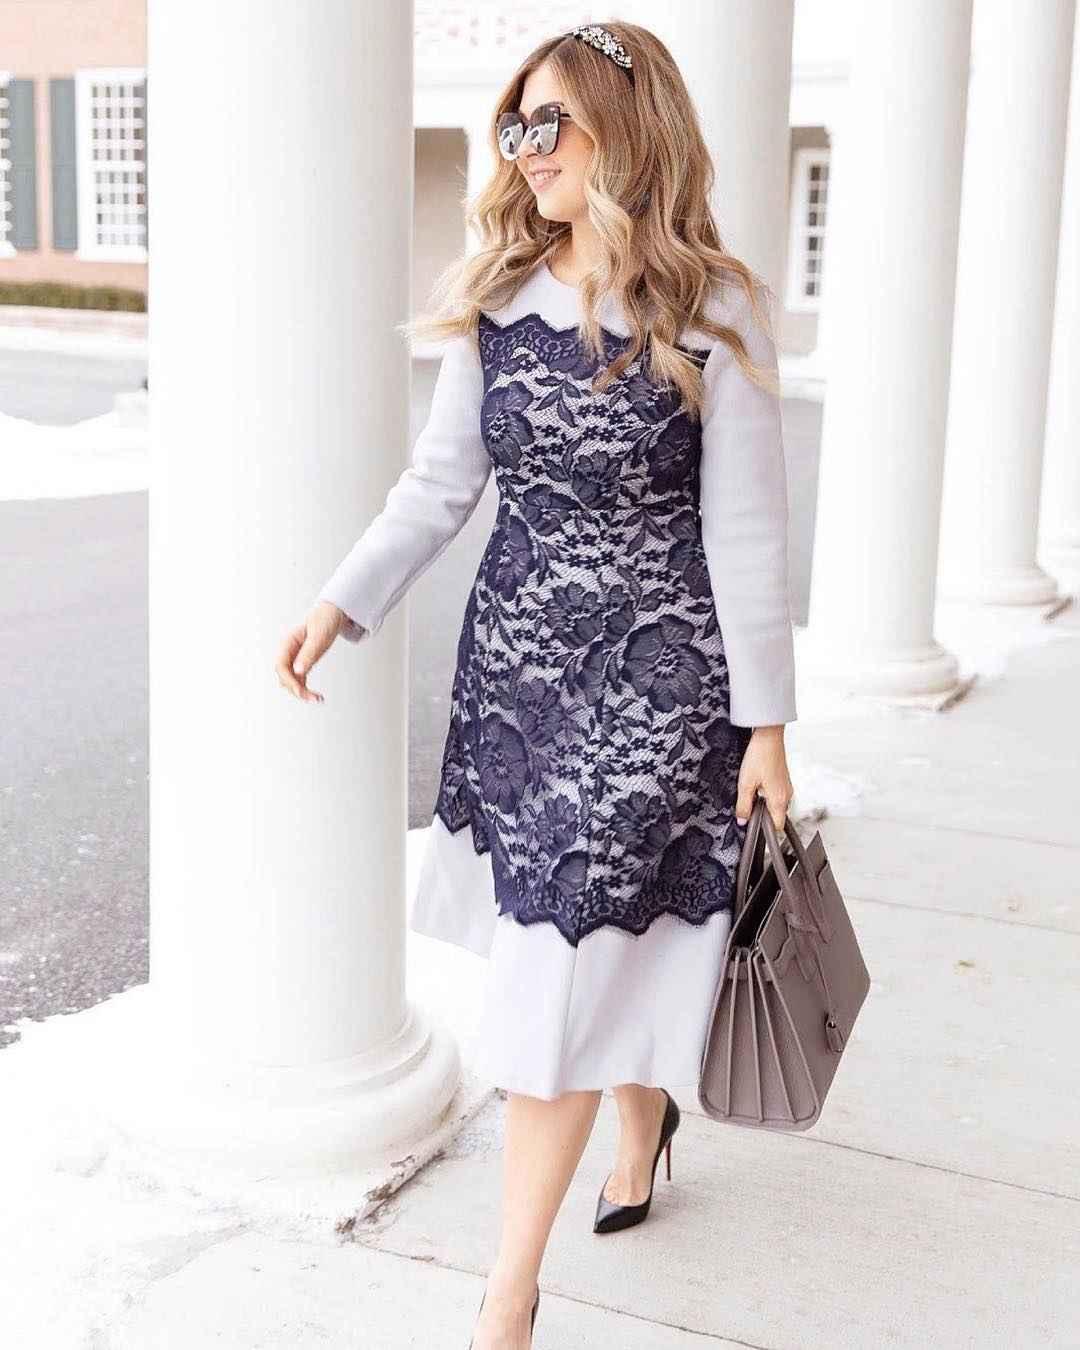 Деловые платья для женщин 40-50 лет фото идеи_1